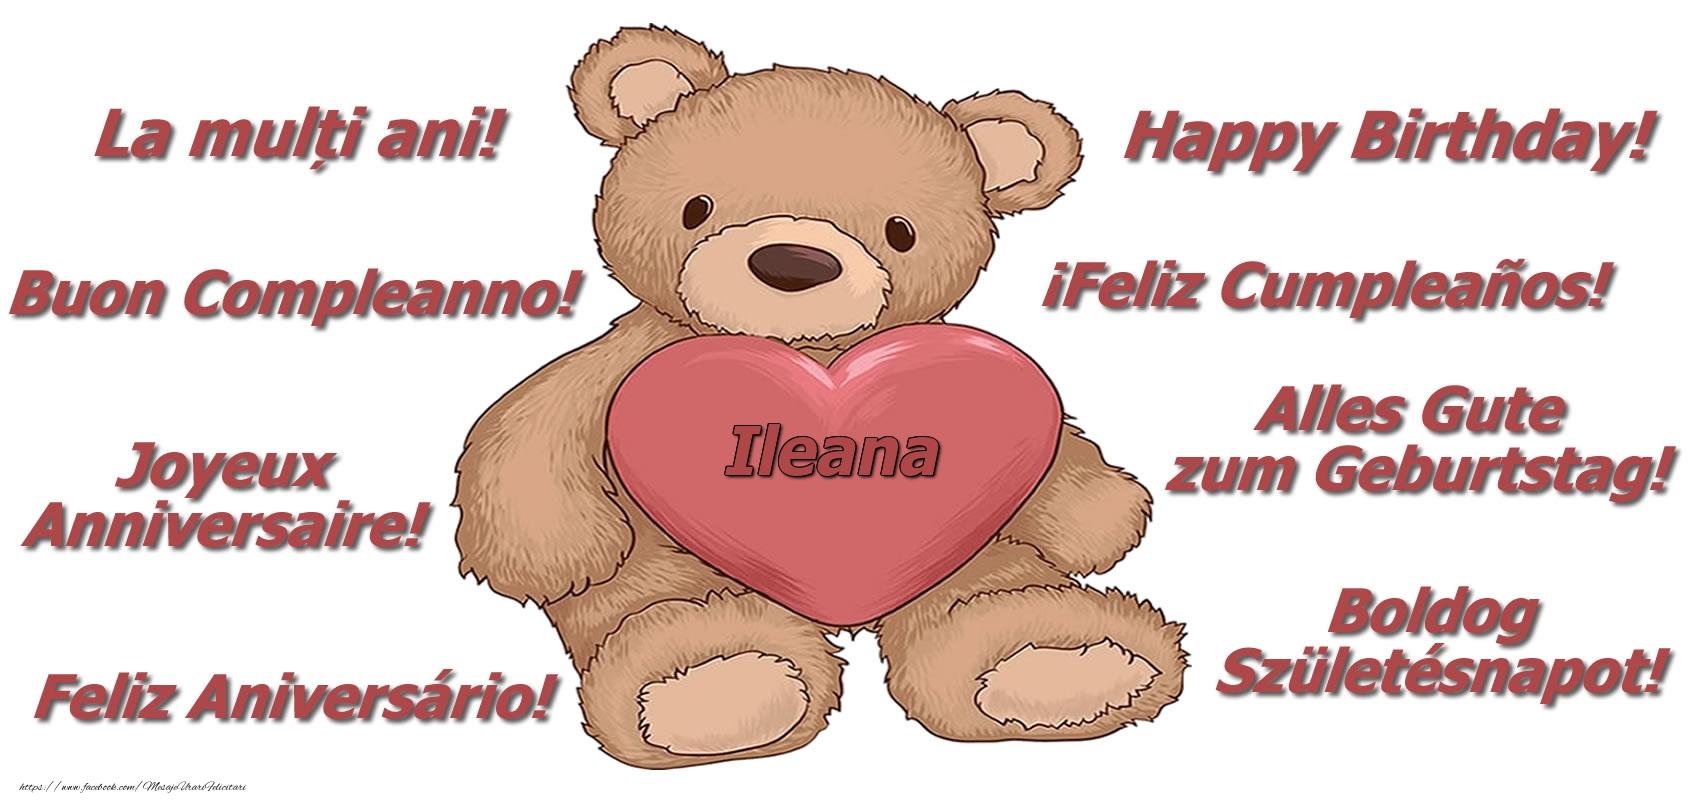 Felicitari de zi de nastere - La multi ani Ileana! - Ursulet